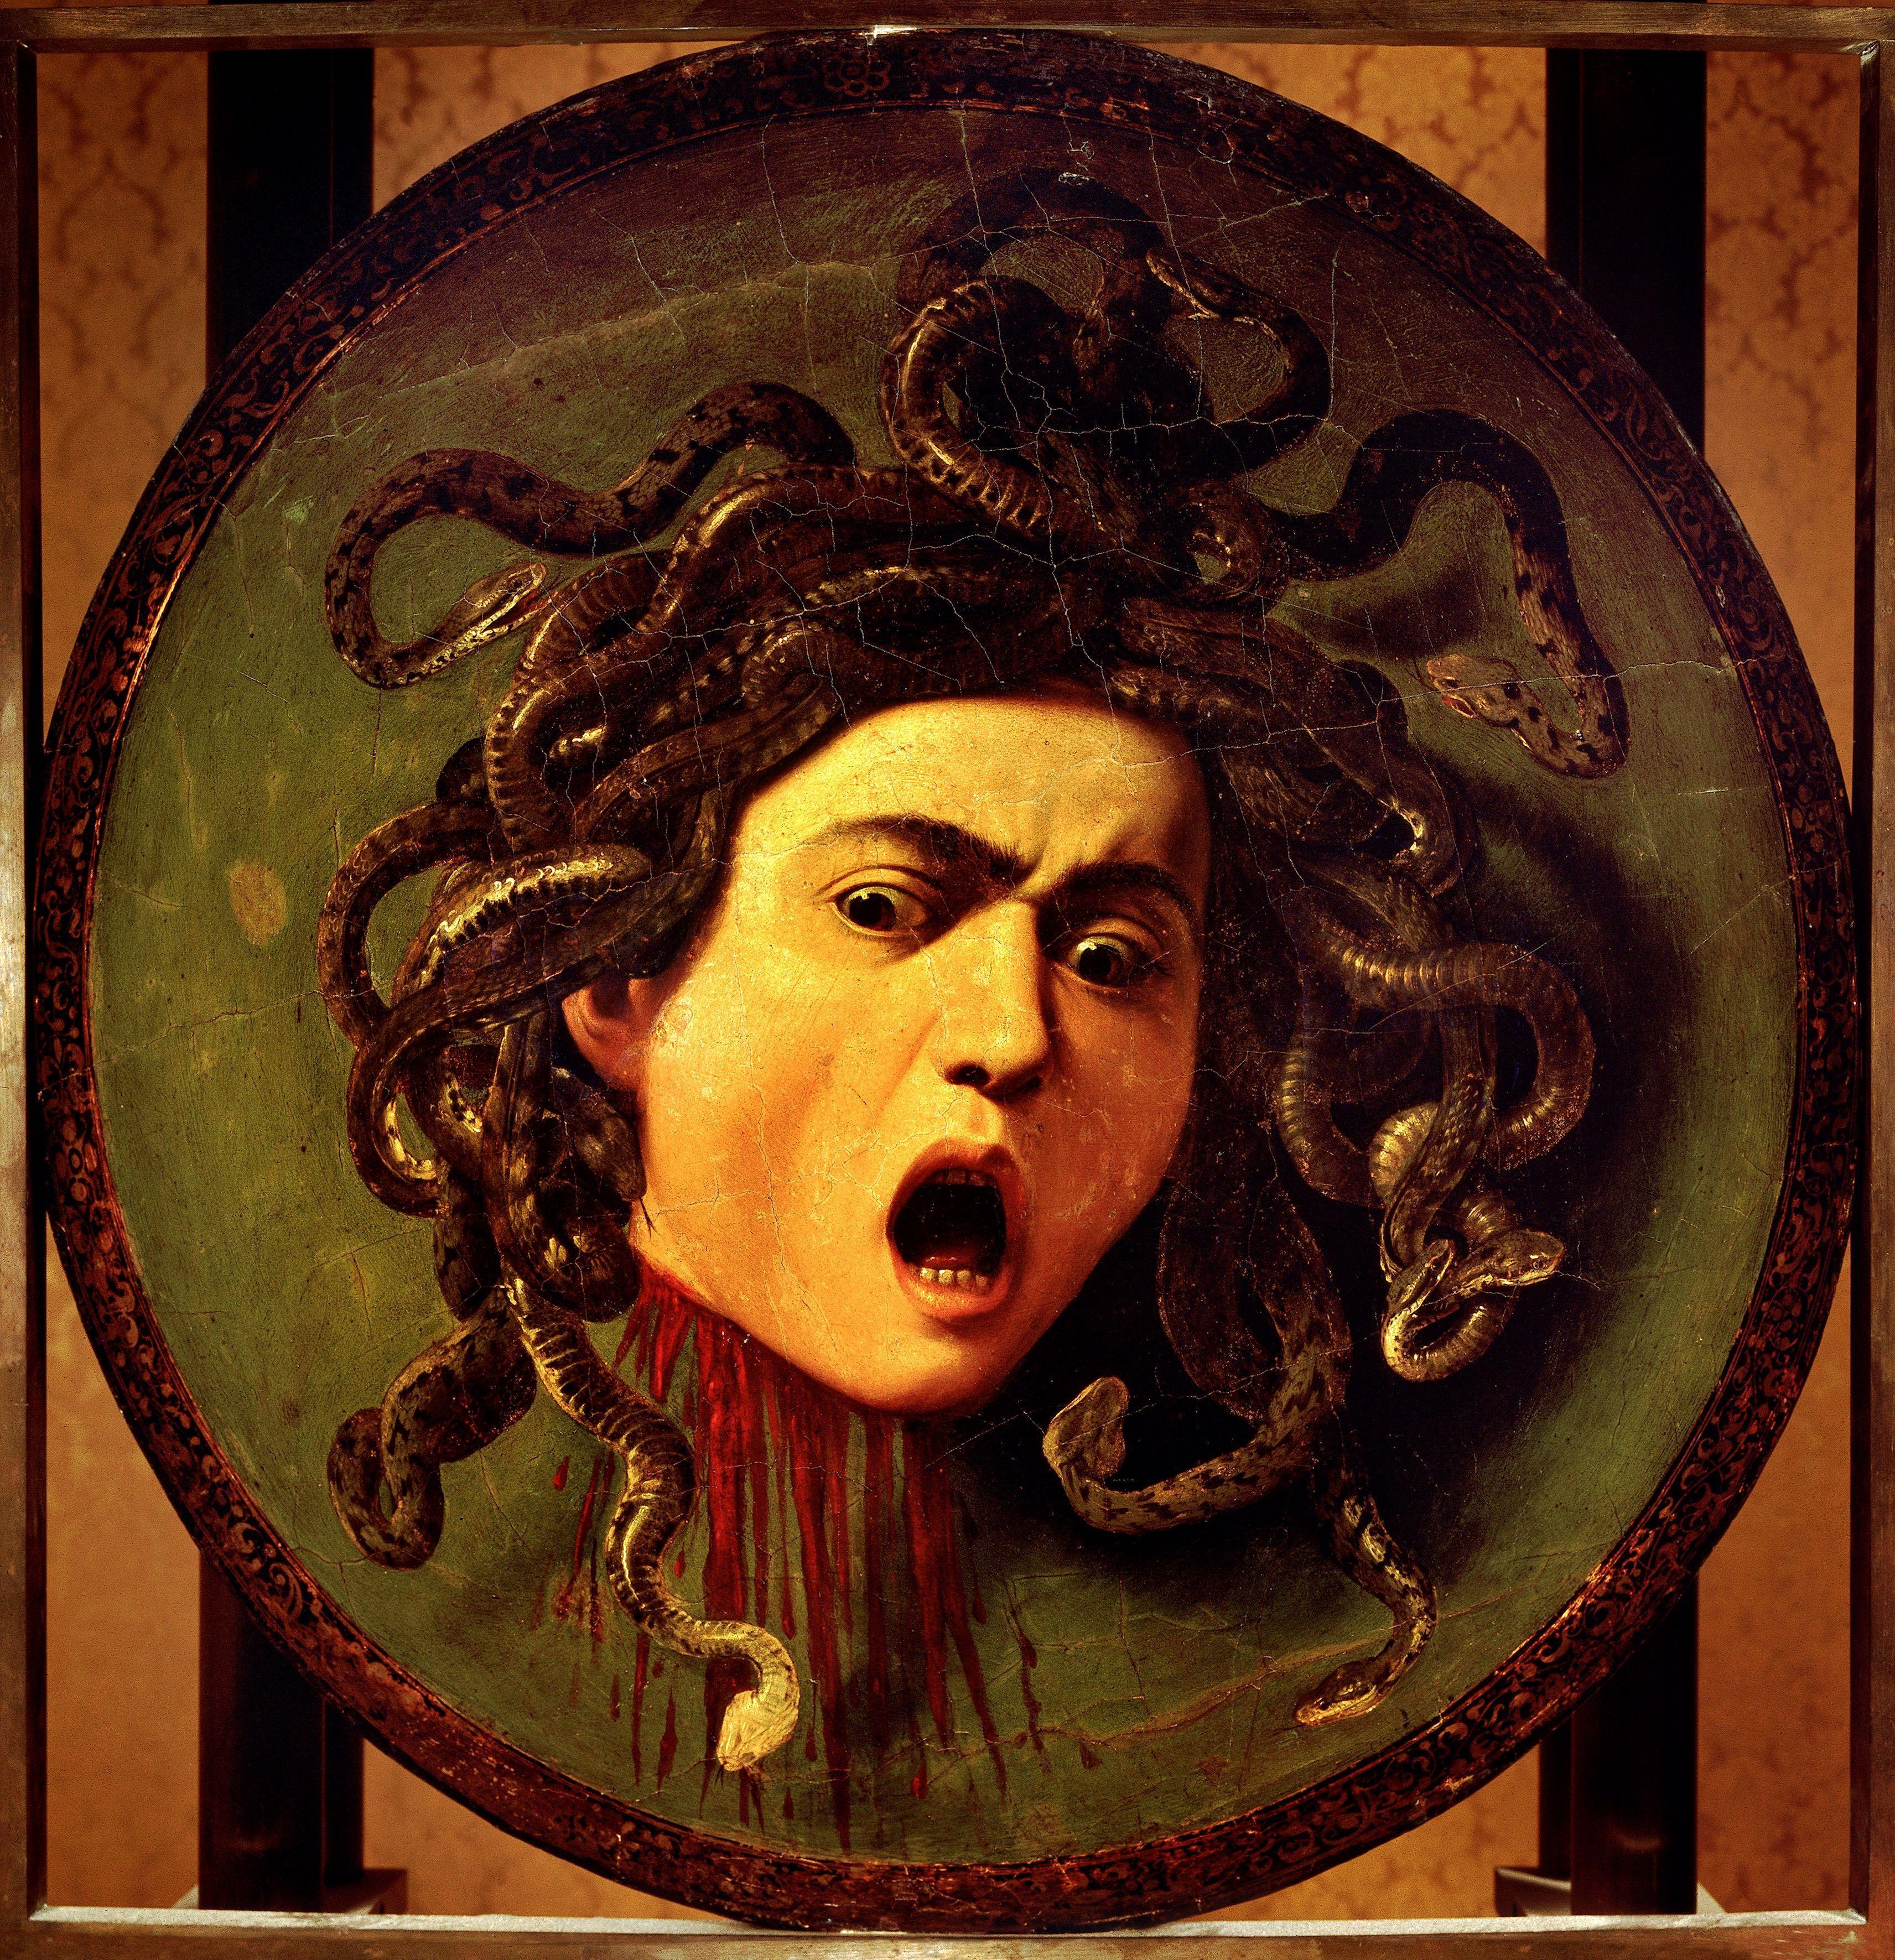 Medusa de Caravaggio